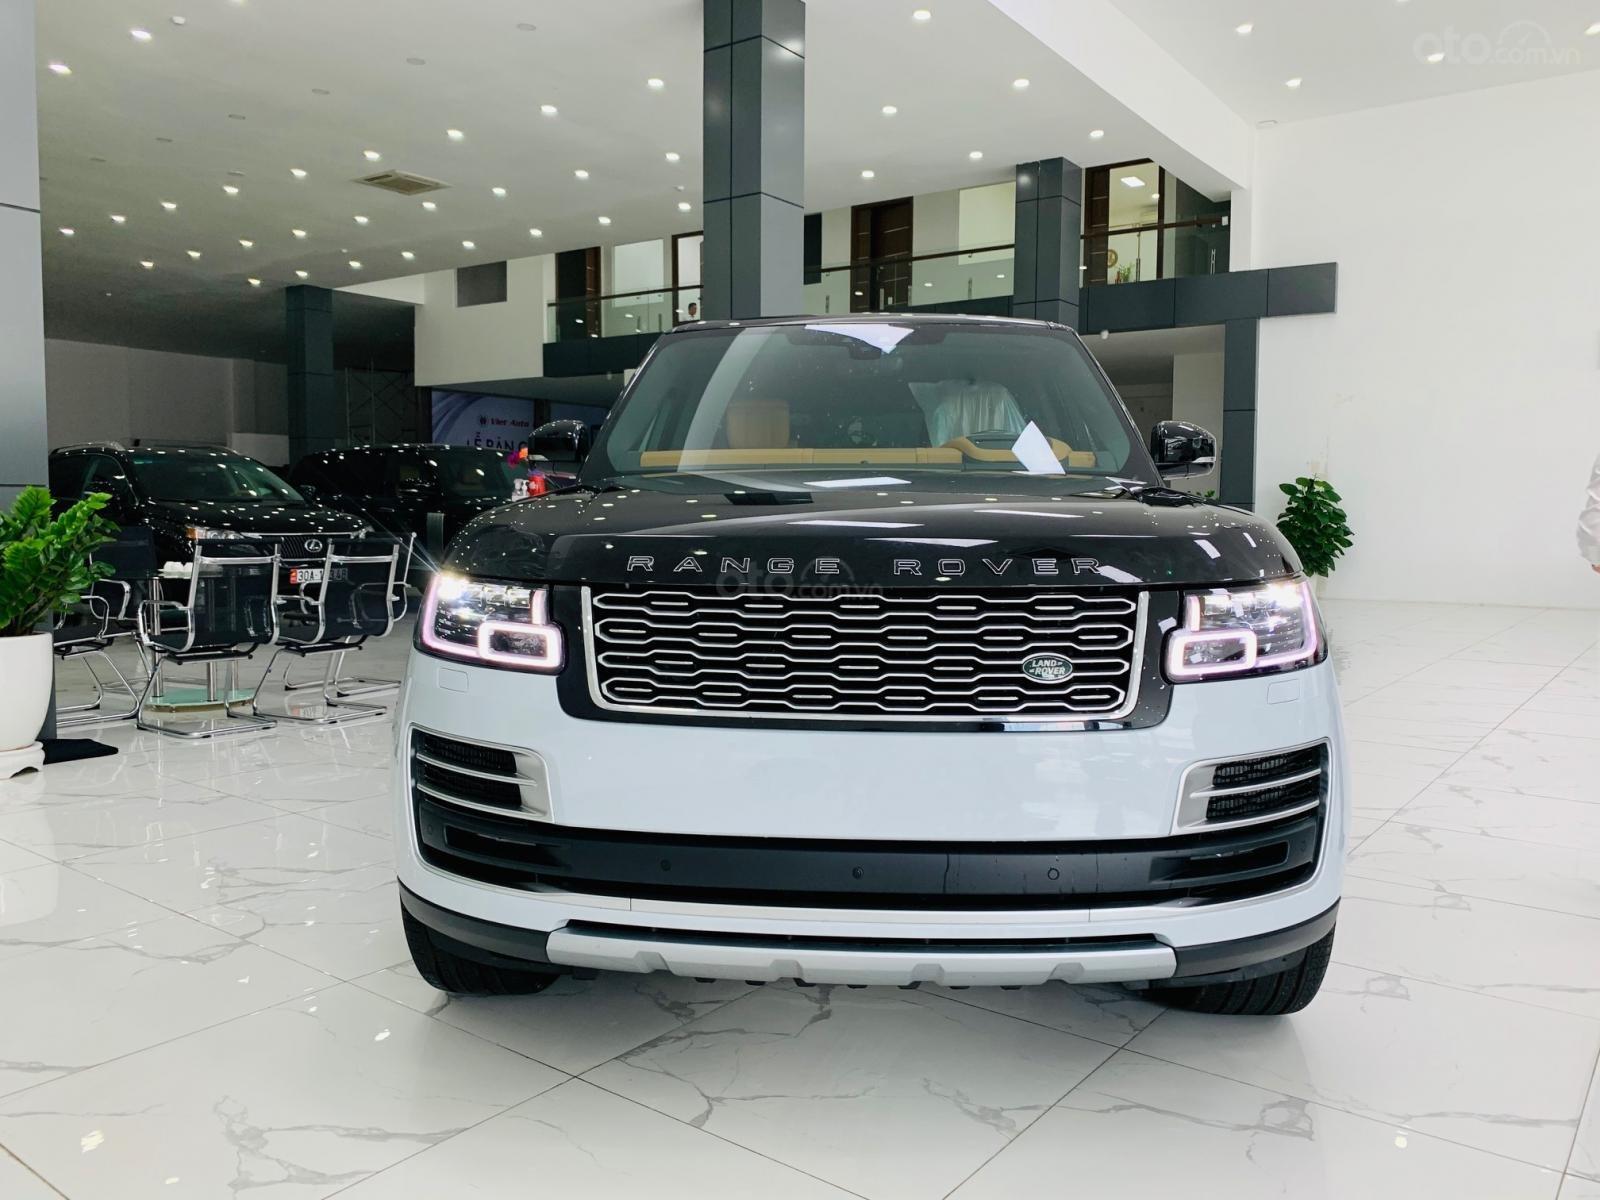 BánRange Rover SV autobiography L 2021, phiên bản cao cấp nhất của Land Rover năm sản xuất 2021 (14)